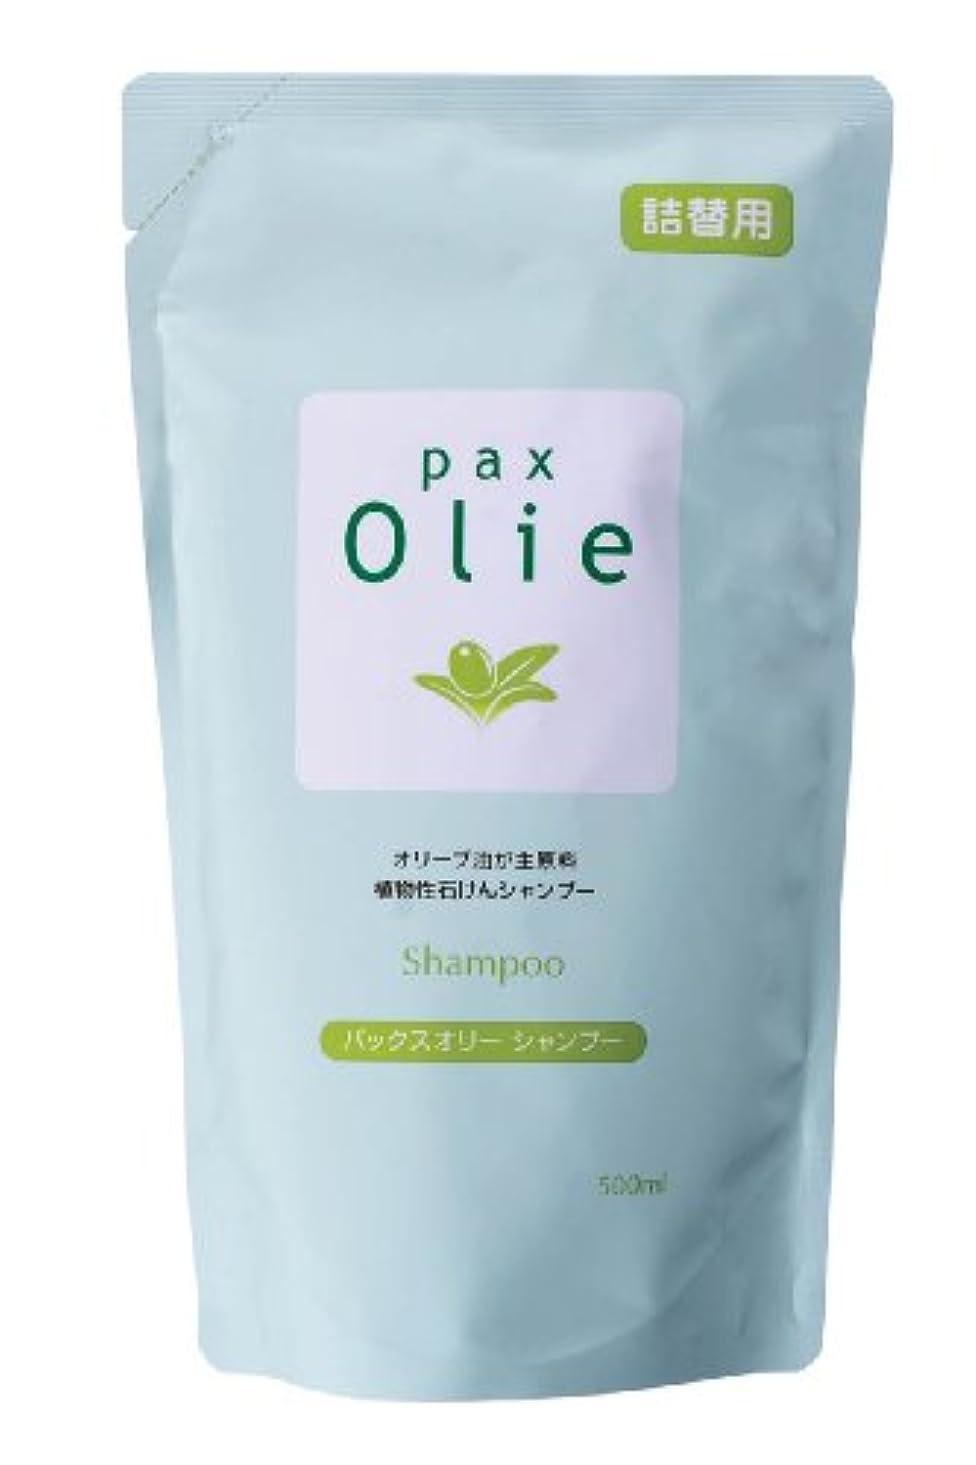 事務所共役体現するPAX Olie(パックスオリー) パックスオリー シャンプー 詰替用 500mL